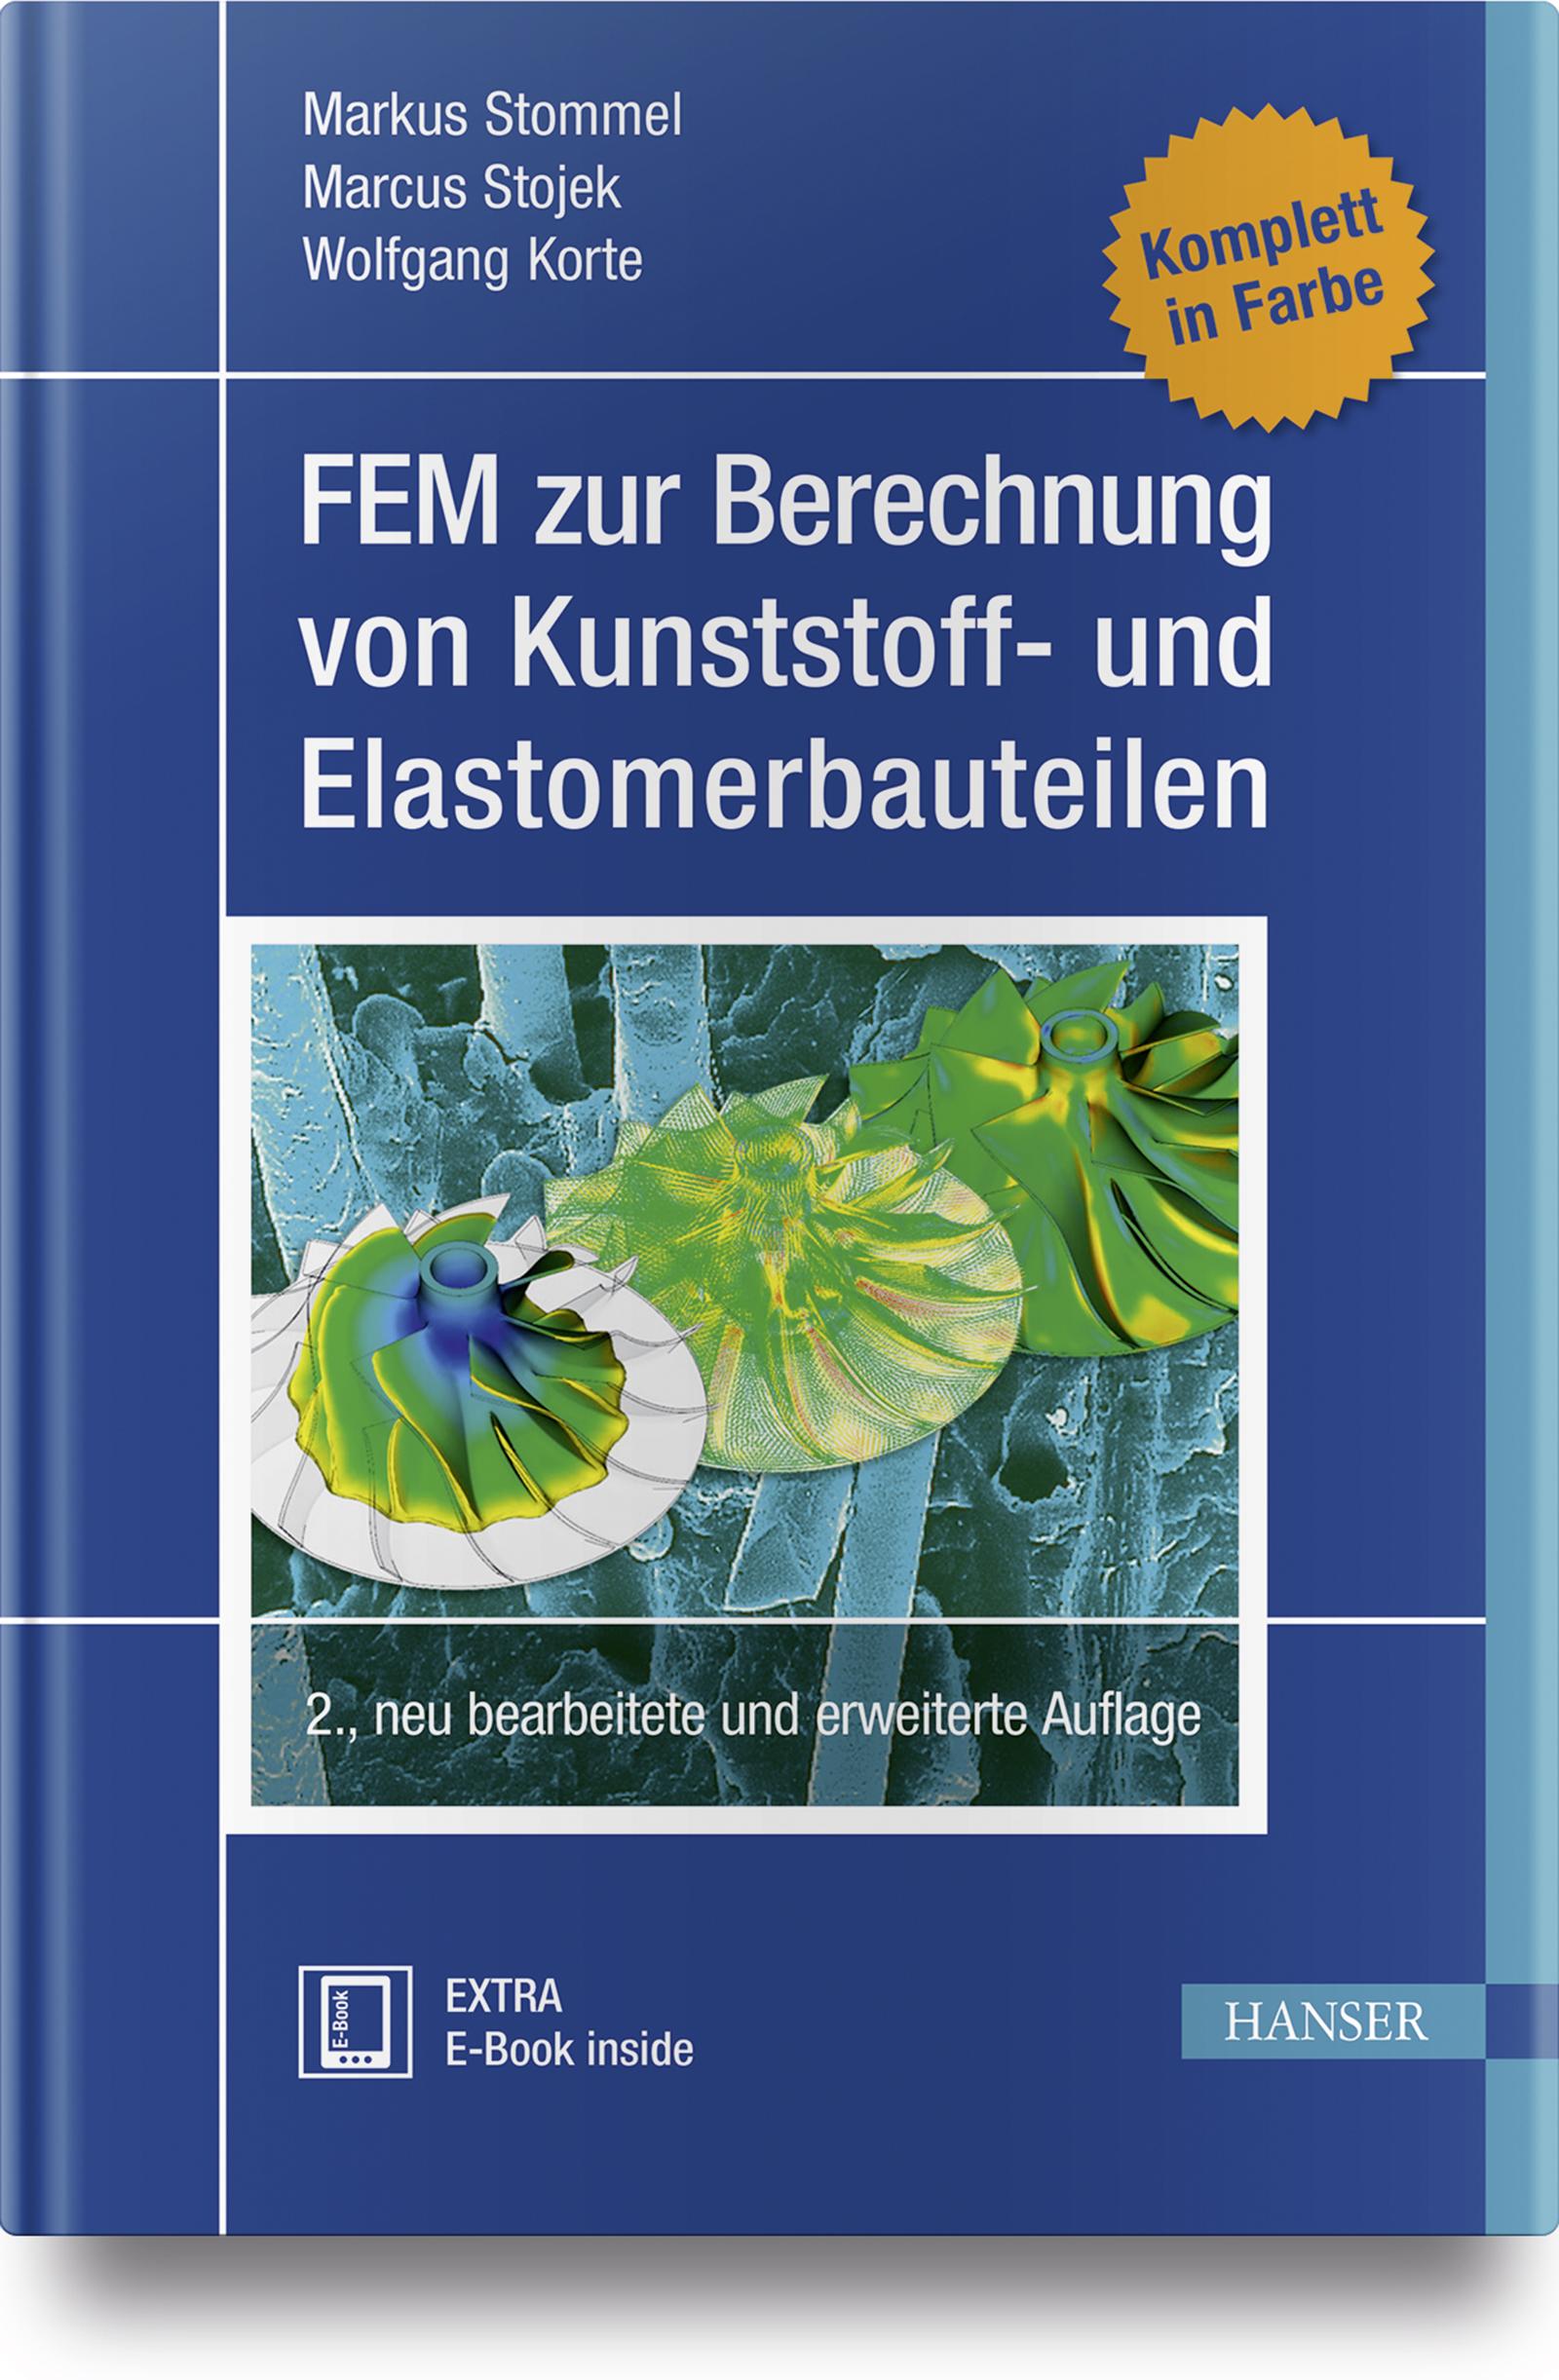 Stommel, Stojek, Korte, FEM zur Berechnung von Kunststoff- und Elastomerbauteilen, 978-3-446-44714-1